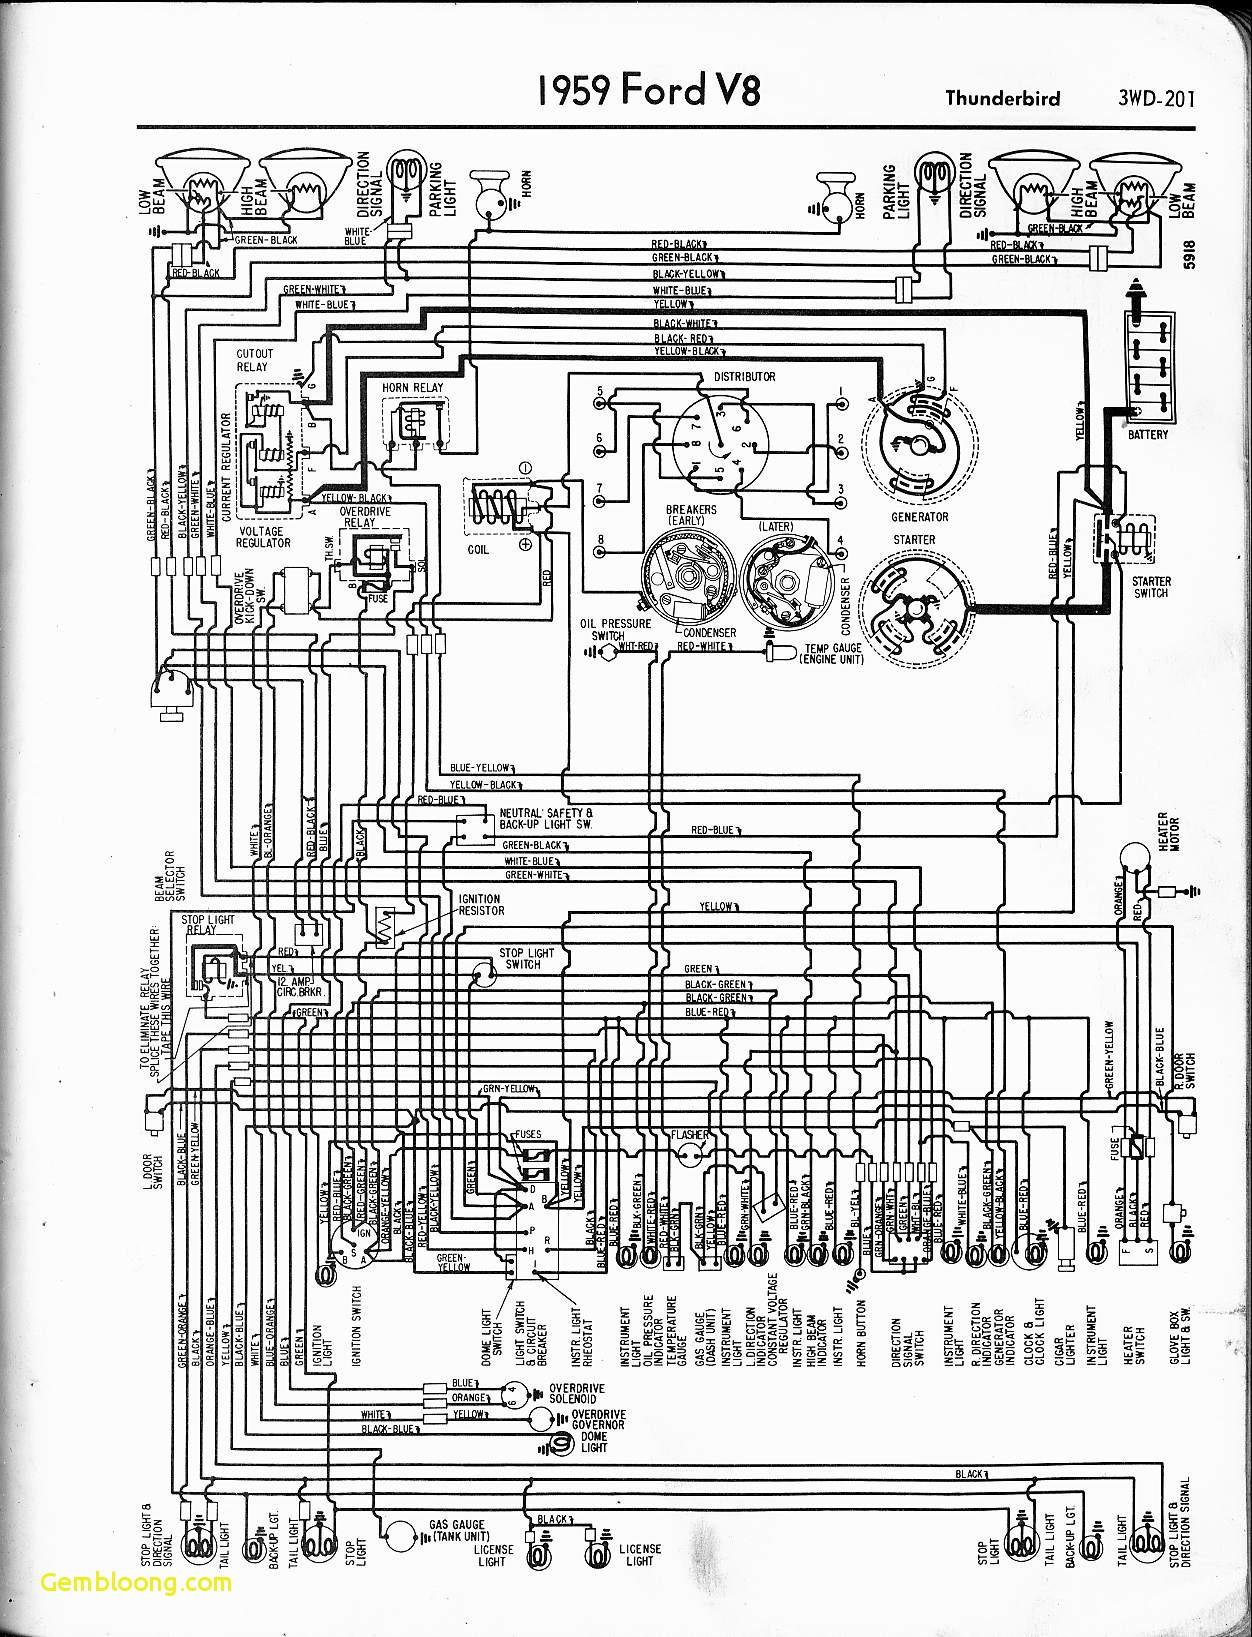 Dt466 Engine Diagram Wrg 2586] ford F150 Engine Diagram Of Dt466 Engine Diagram